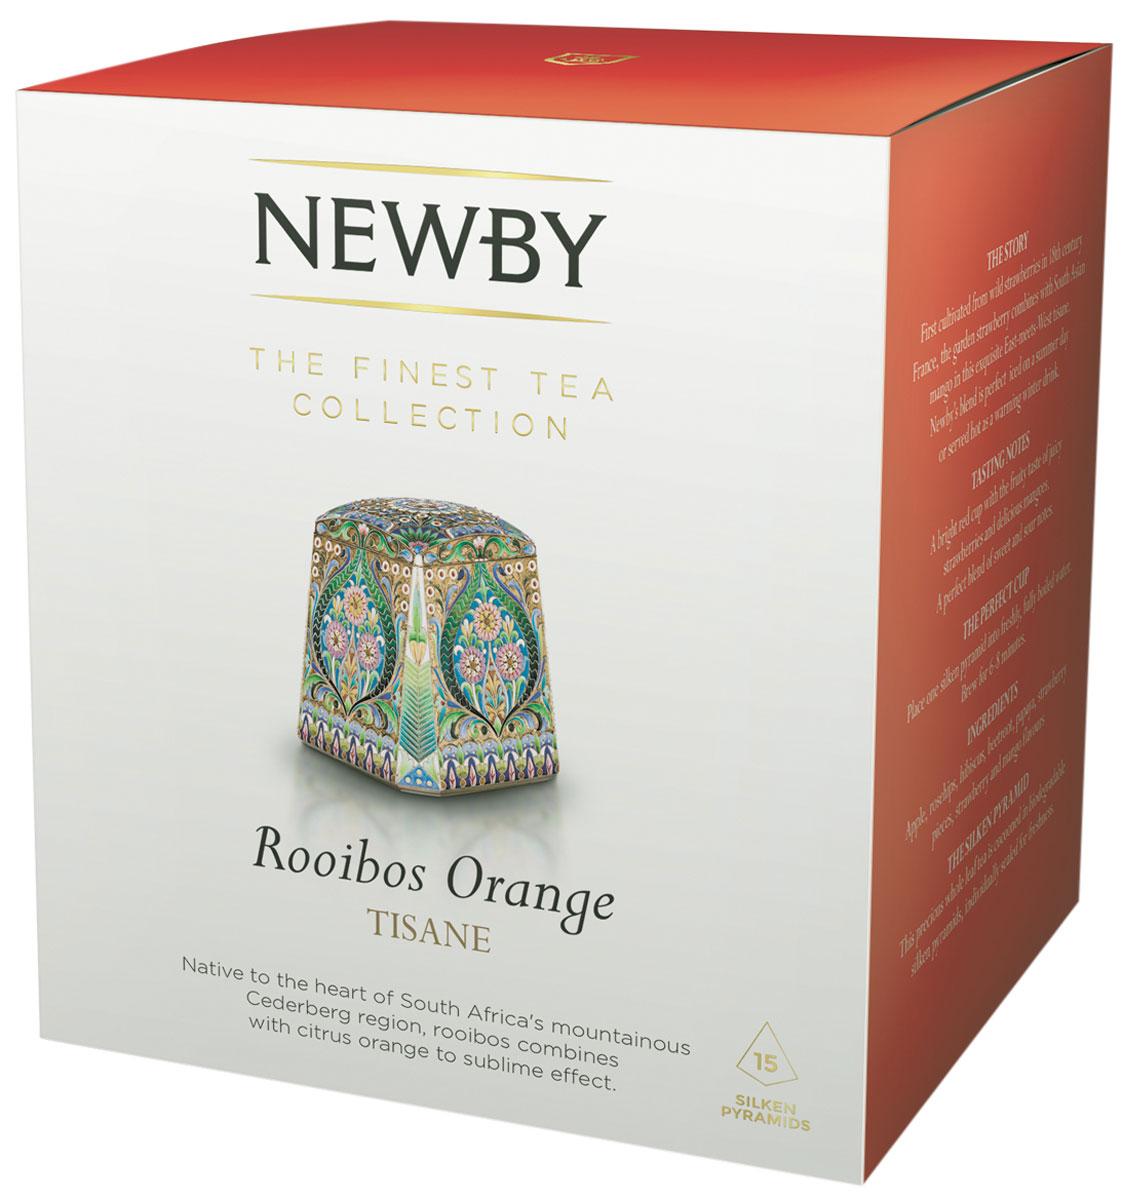 Newby Roiboos Orange травяной чай в пирамидках, 15 шт newby masala chai черный листовой чай со специями в пирамидках 15 шт